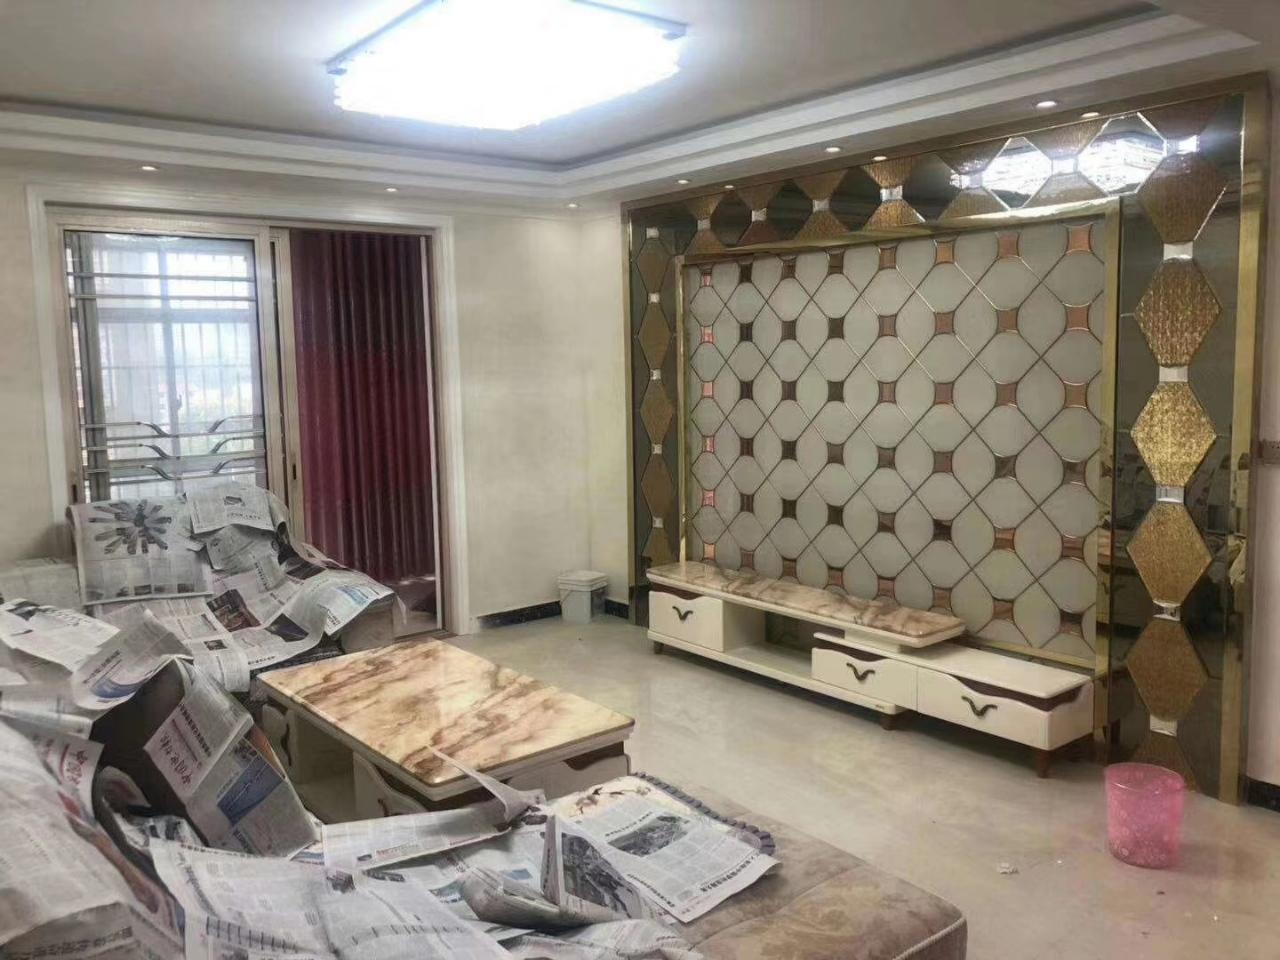 金星社区3室2厅2卫金星社区万元